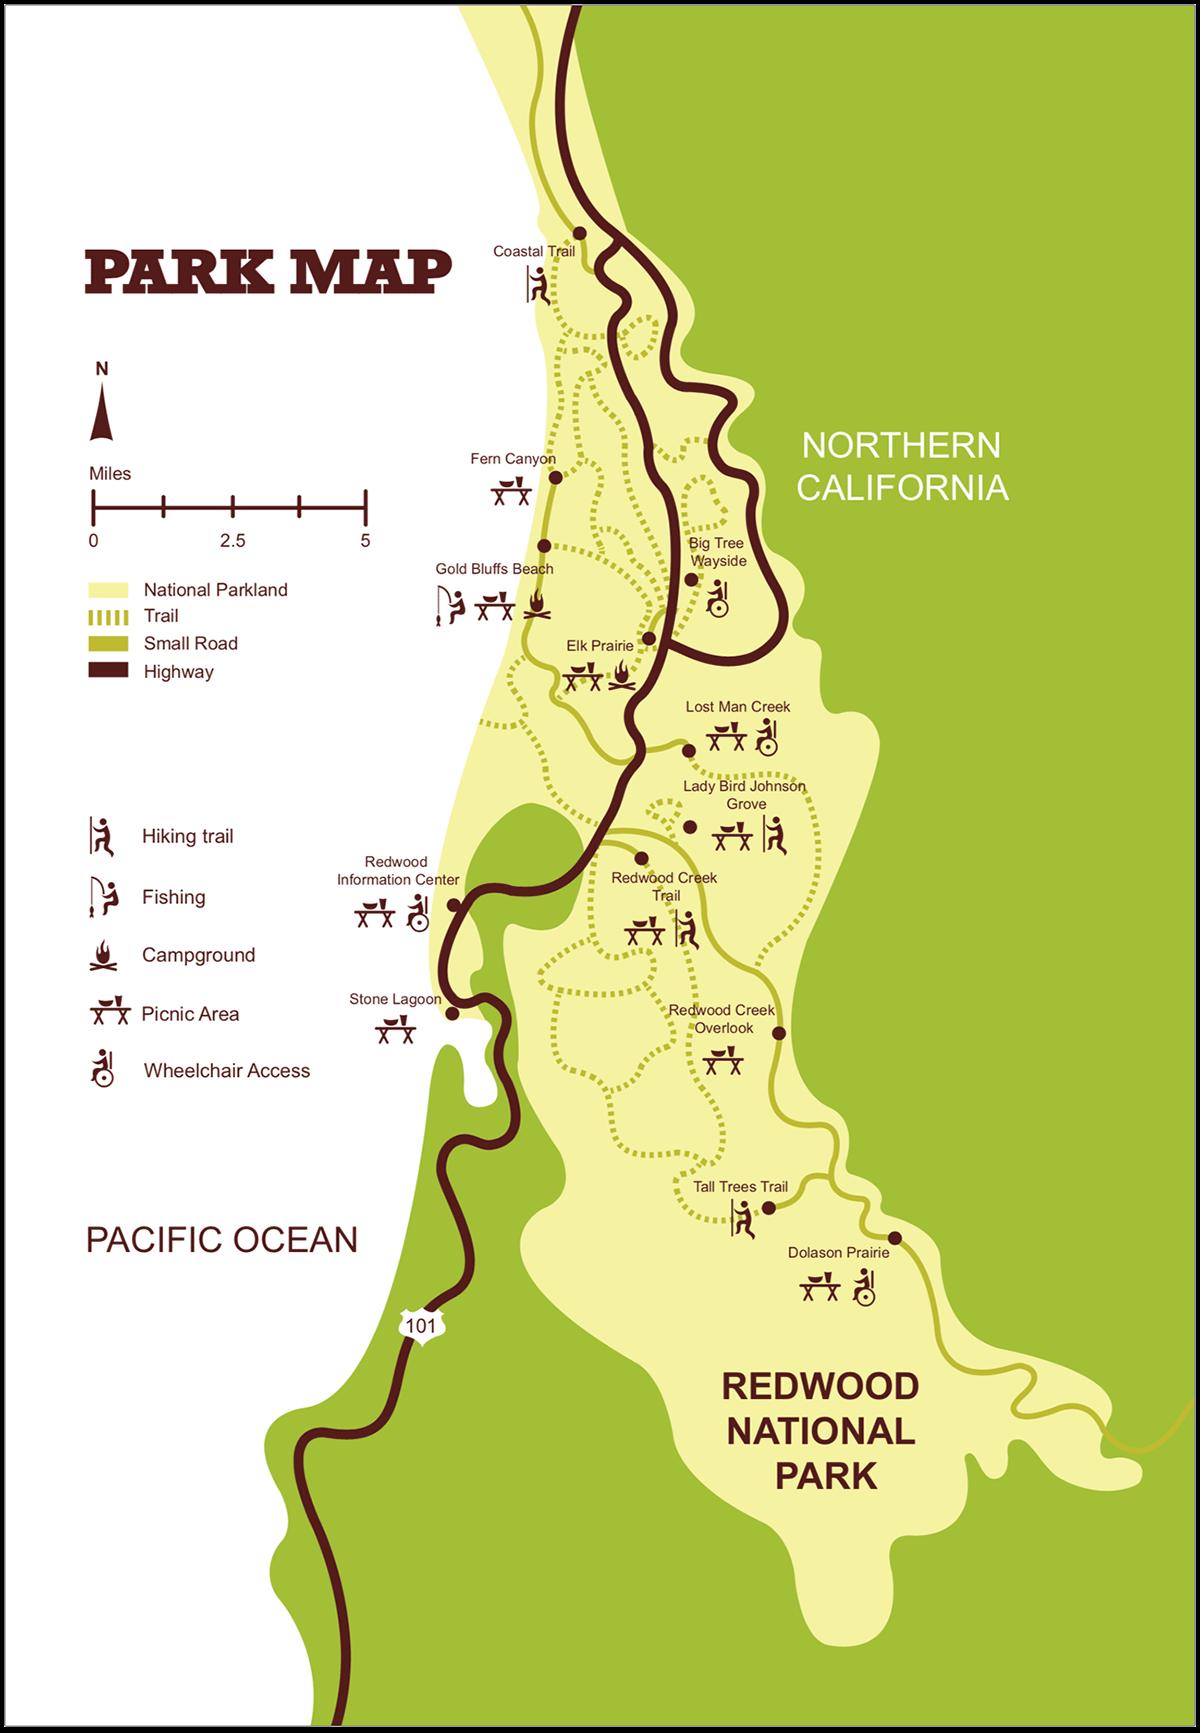 branding guide redwood national park